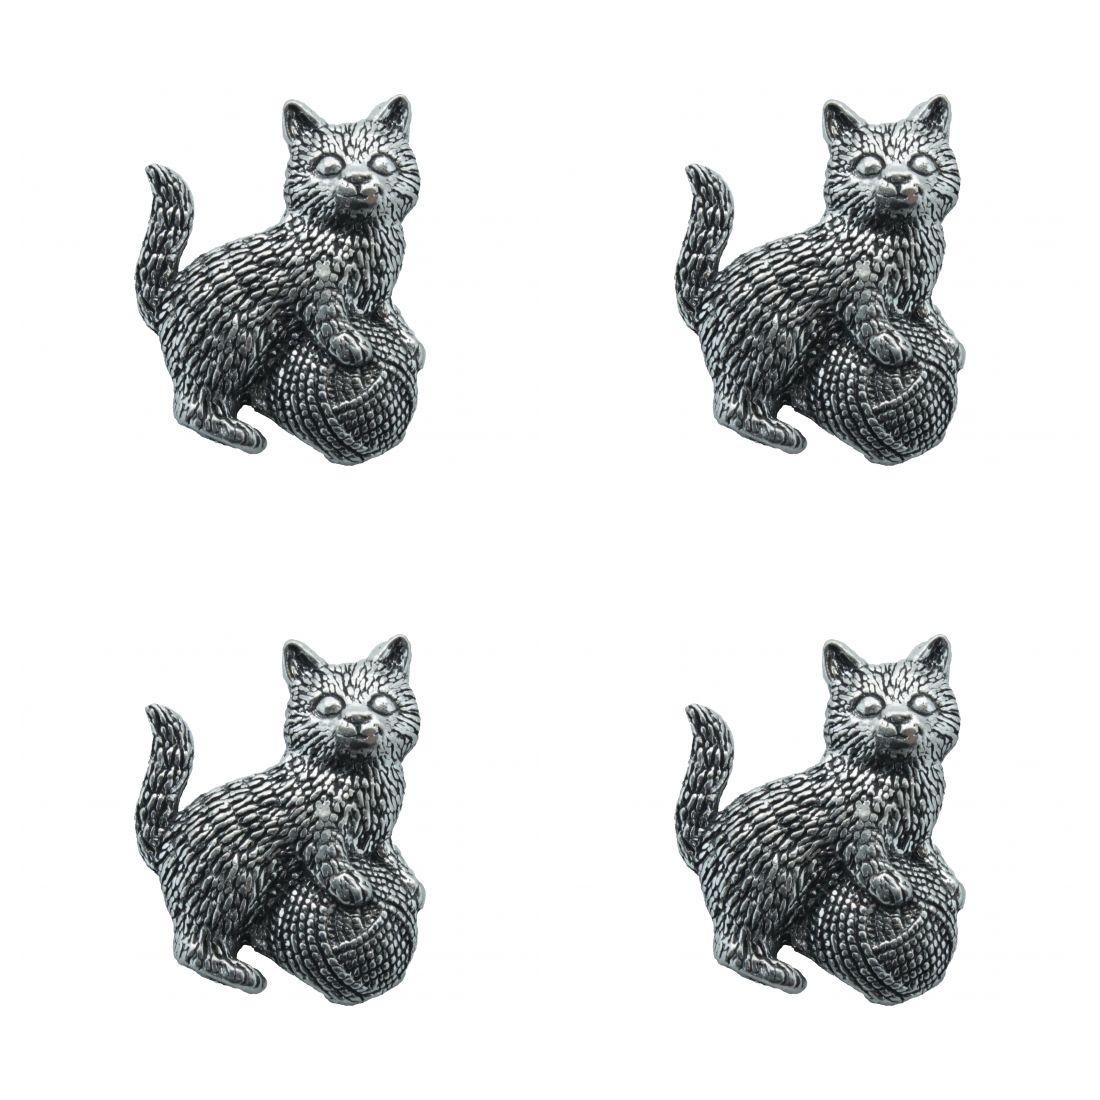 4x Pin Anstecker Badge Katze mit Wollknäuel, 2,9x3,4cm